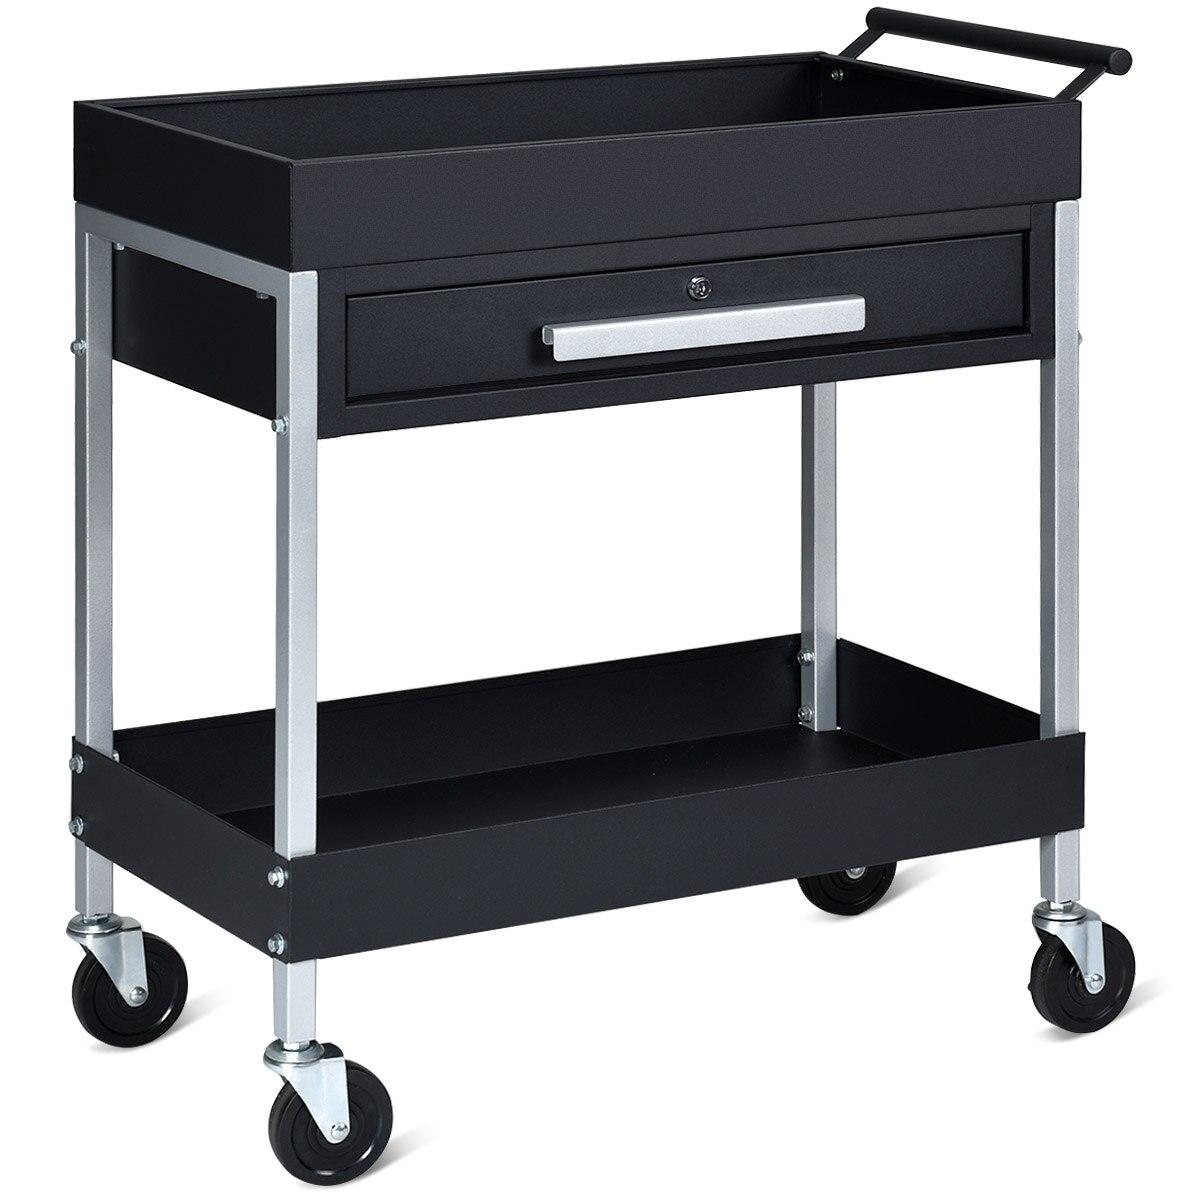 Carro de herramientas de 2 estantes carrito DE SERVICIO PESADO con cajón de bloqueo y ruedas